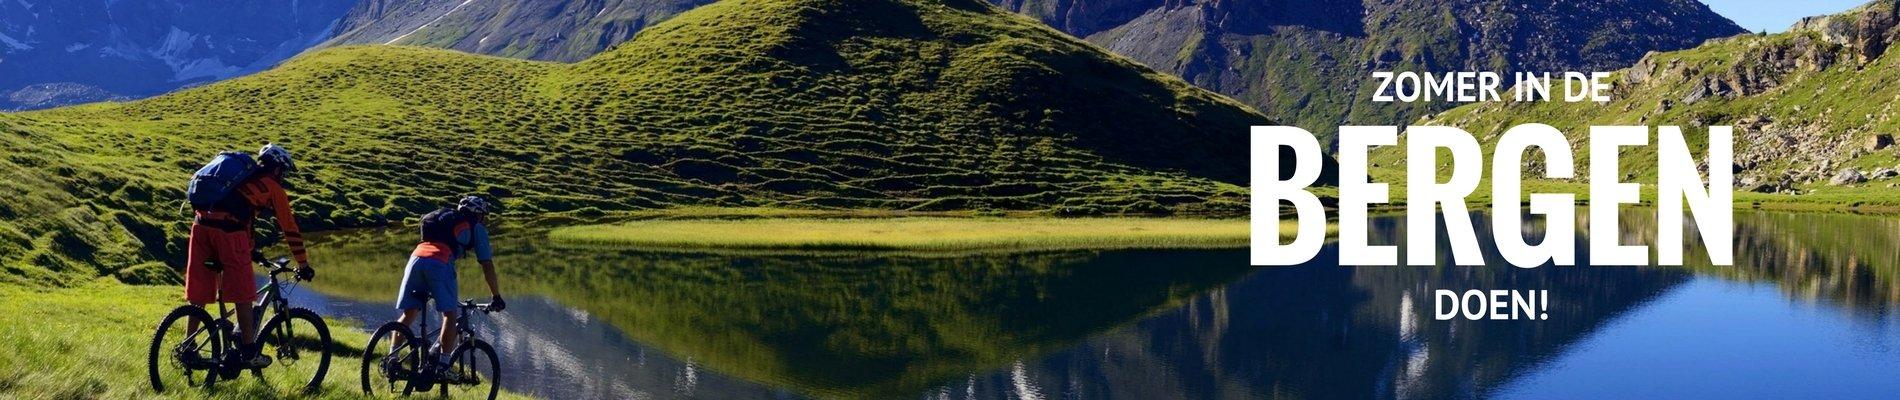 zomer banner bergen alpen 2018